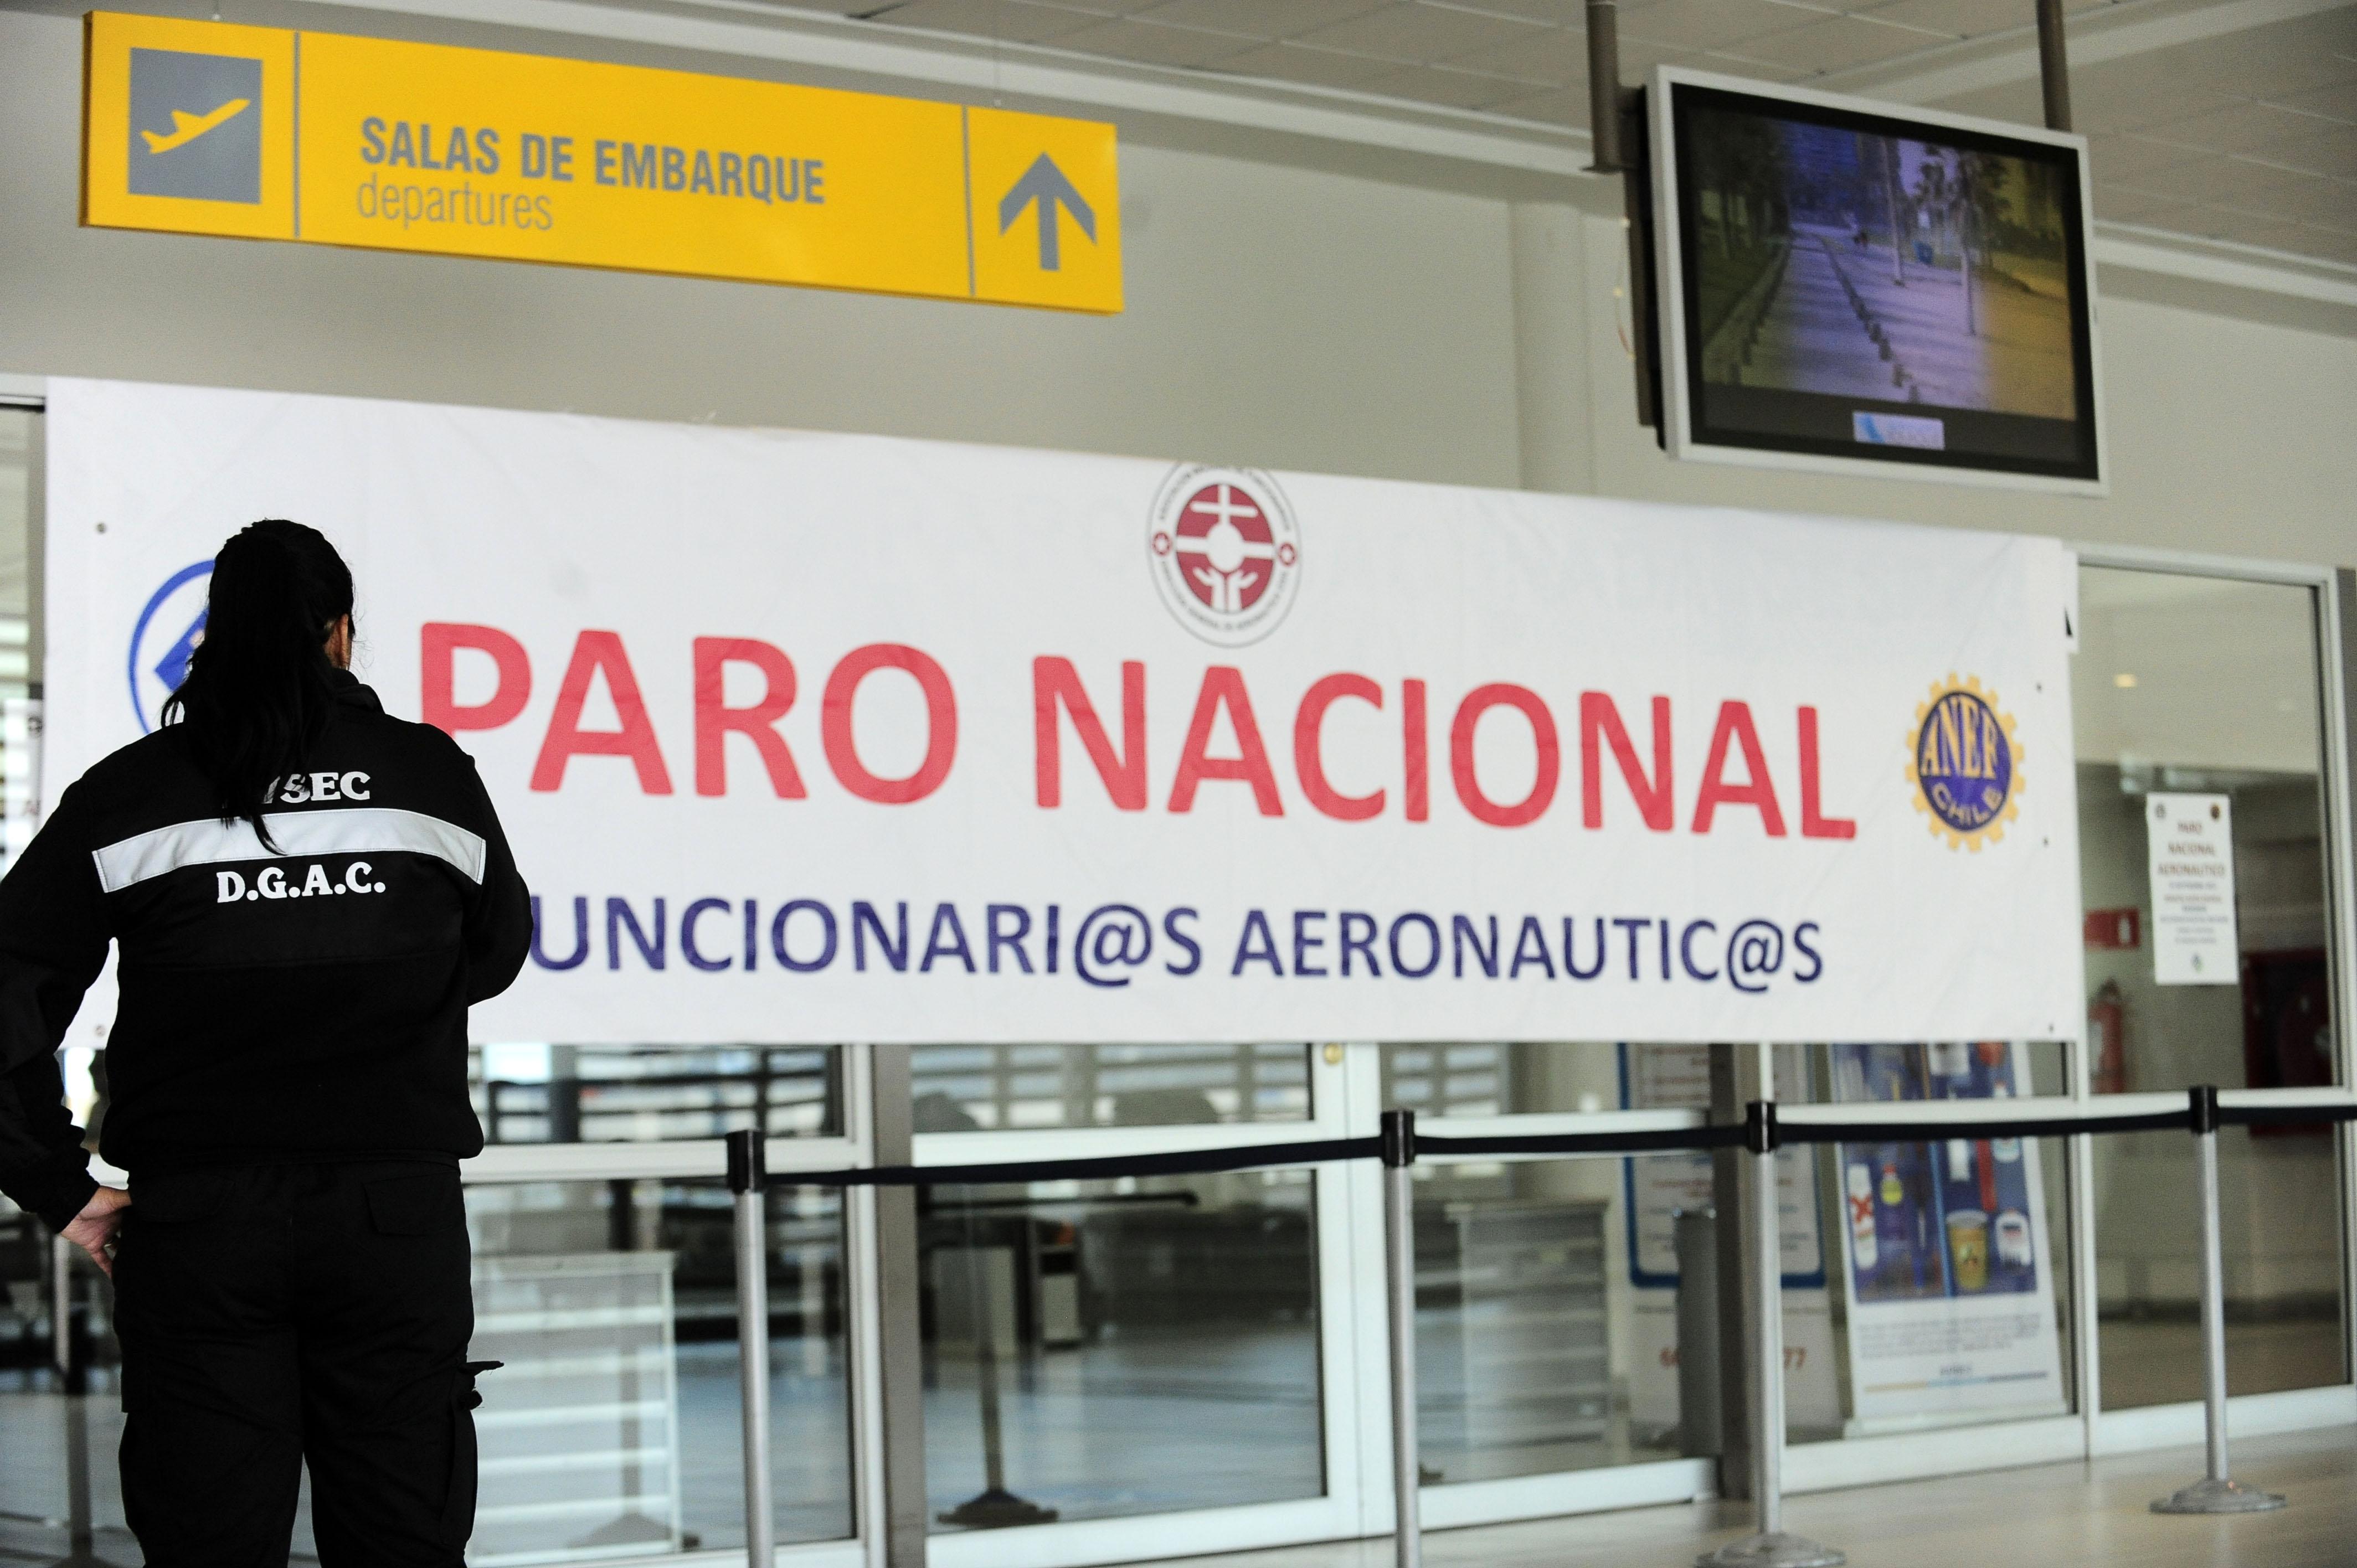 ARCHIVO | Cristian Vivero Boornes | Agencia UNO